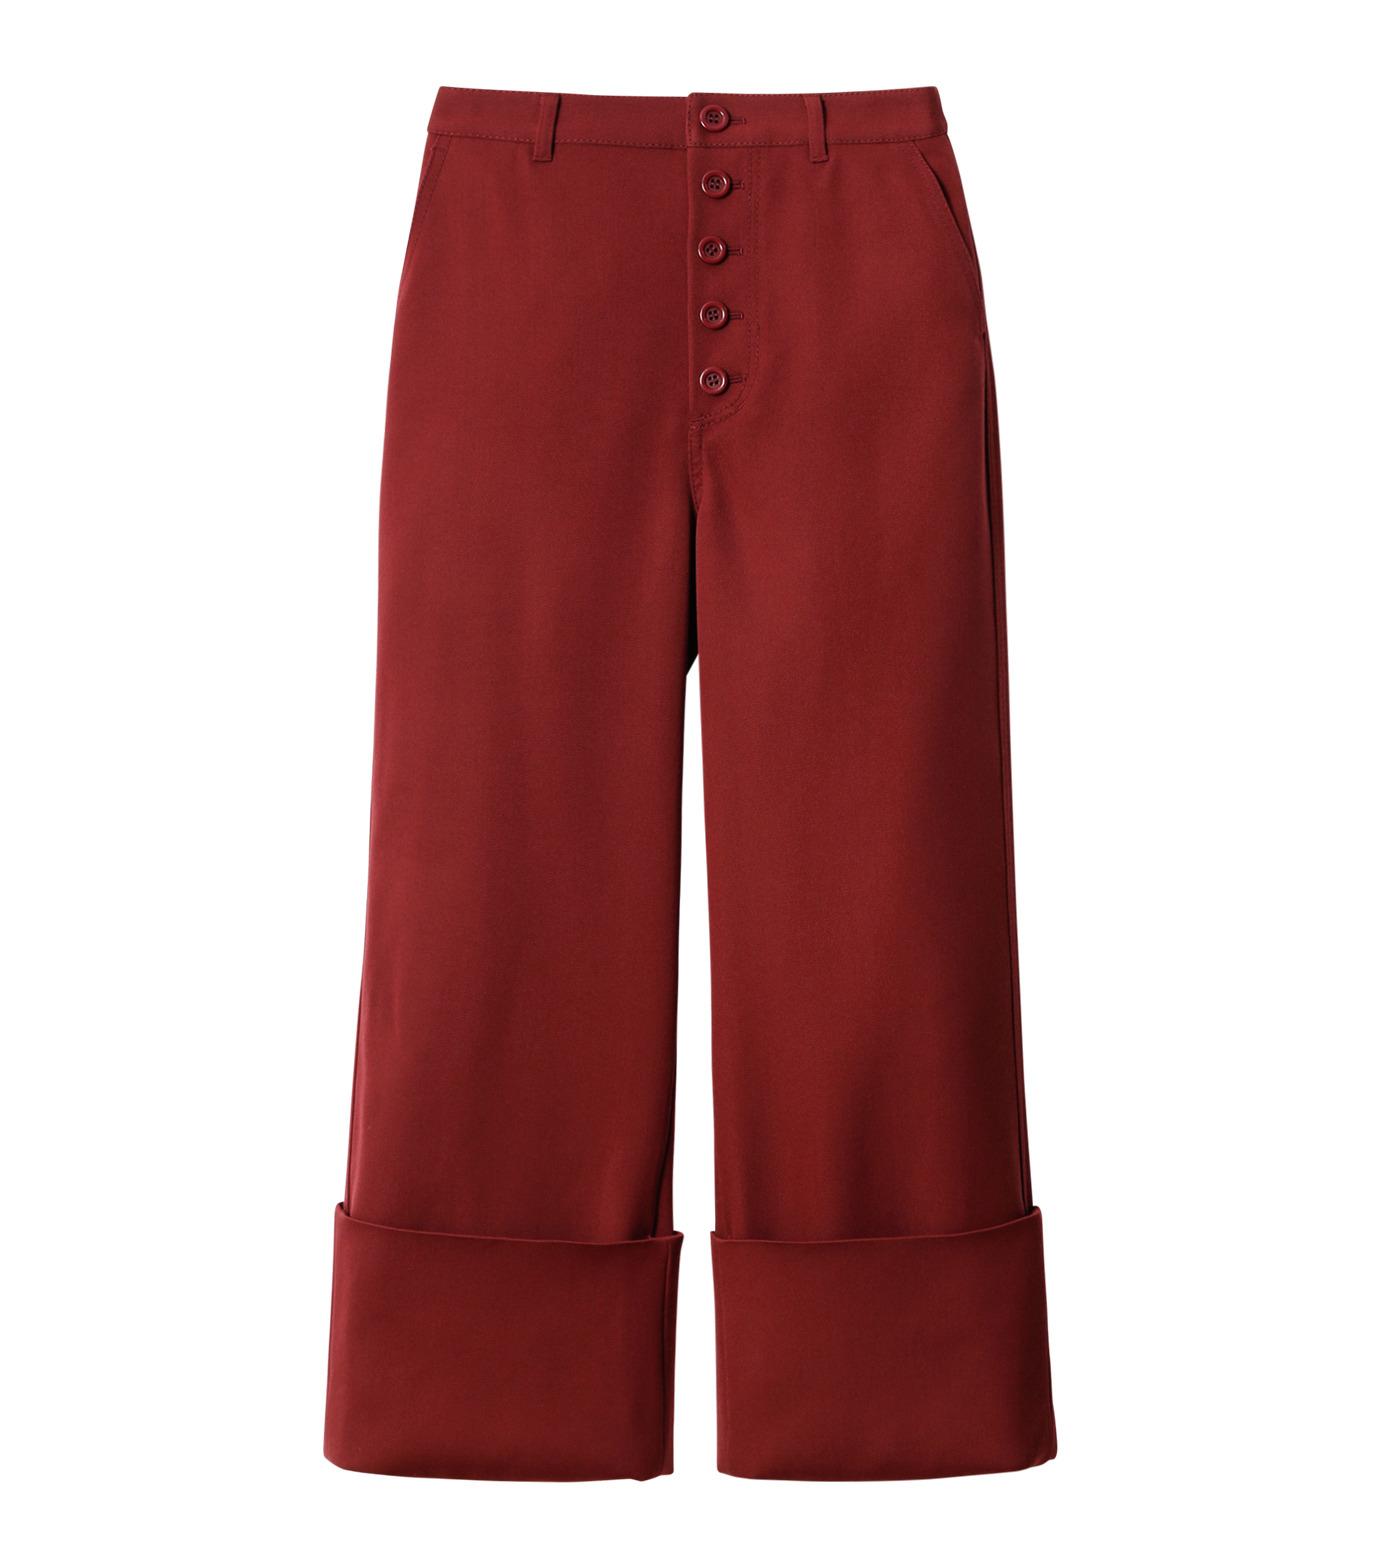 LE CIEL BLEU(ルシェルブルー)のWクローズフォールドバックパンツ-BORDEAUX(パンツ/pants)-18A68302 拡大詳細画像4